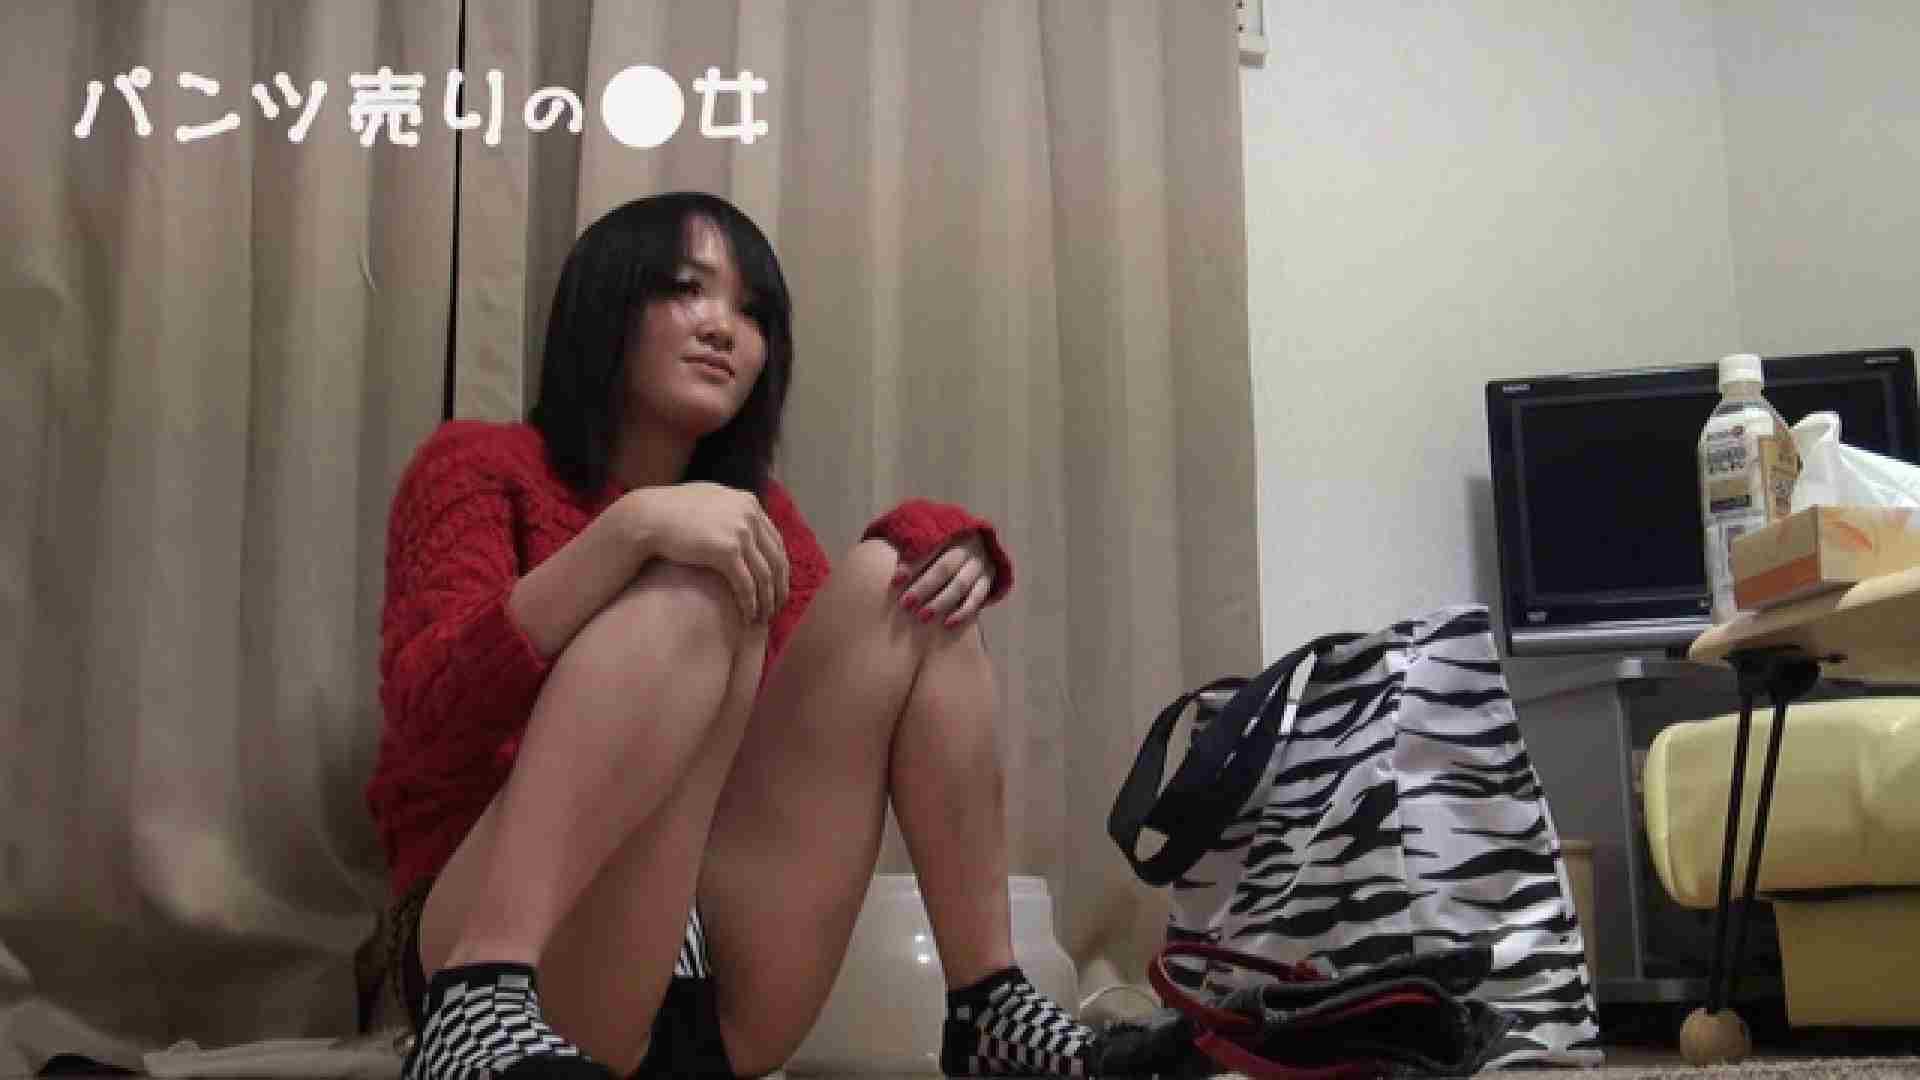 新説 パンツ売りの女の子mizuki 一般投稿  69pic 44